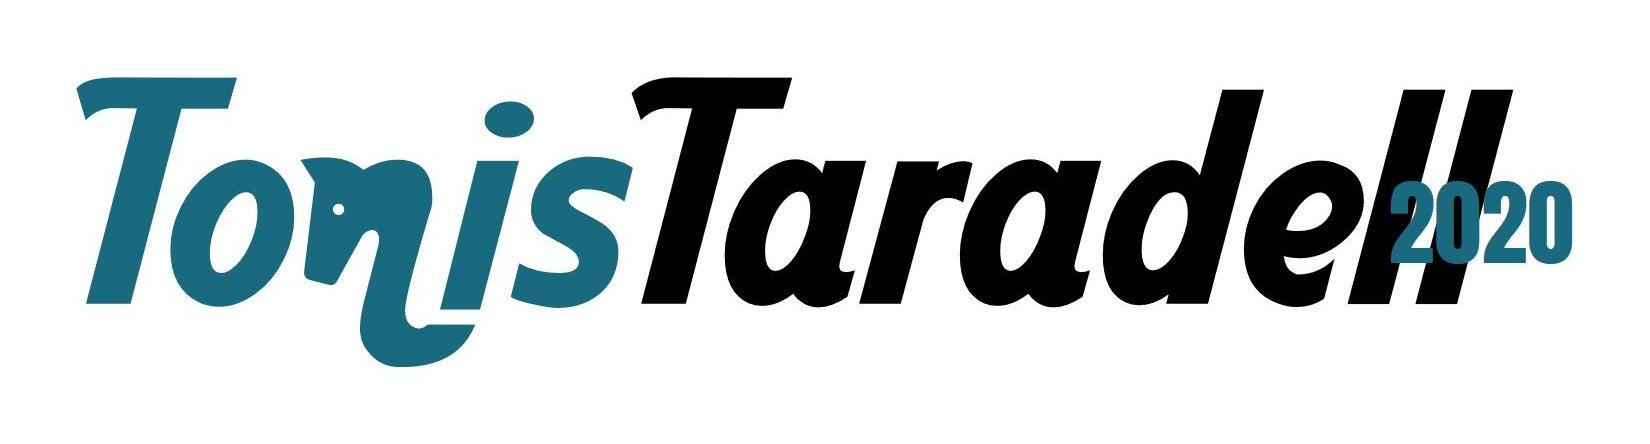 Festa dels Tonis Taradell 2020